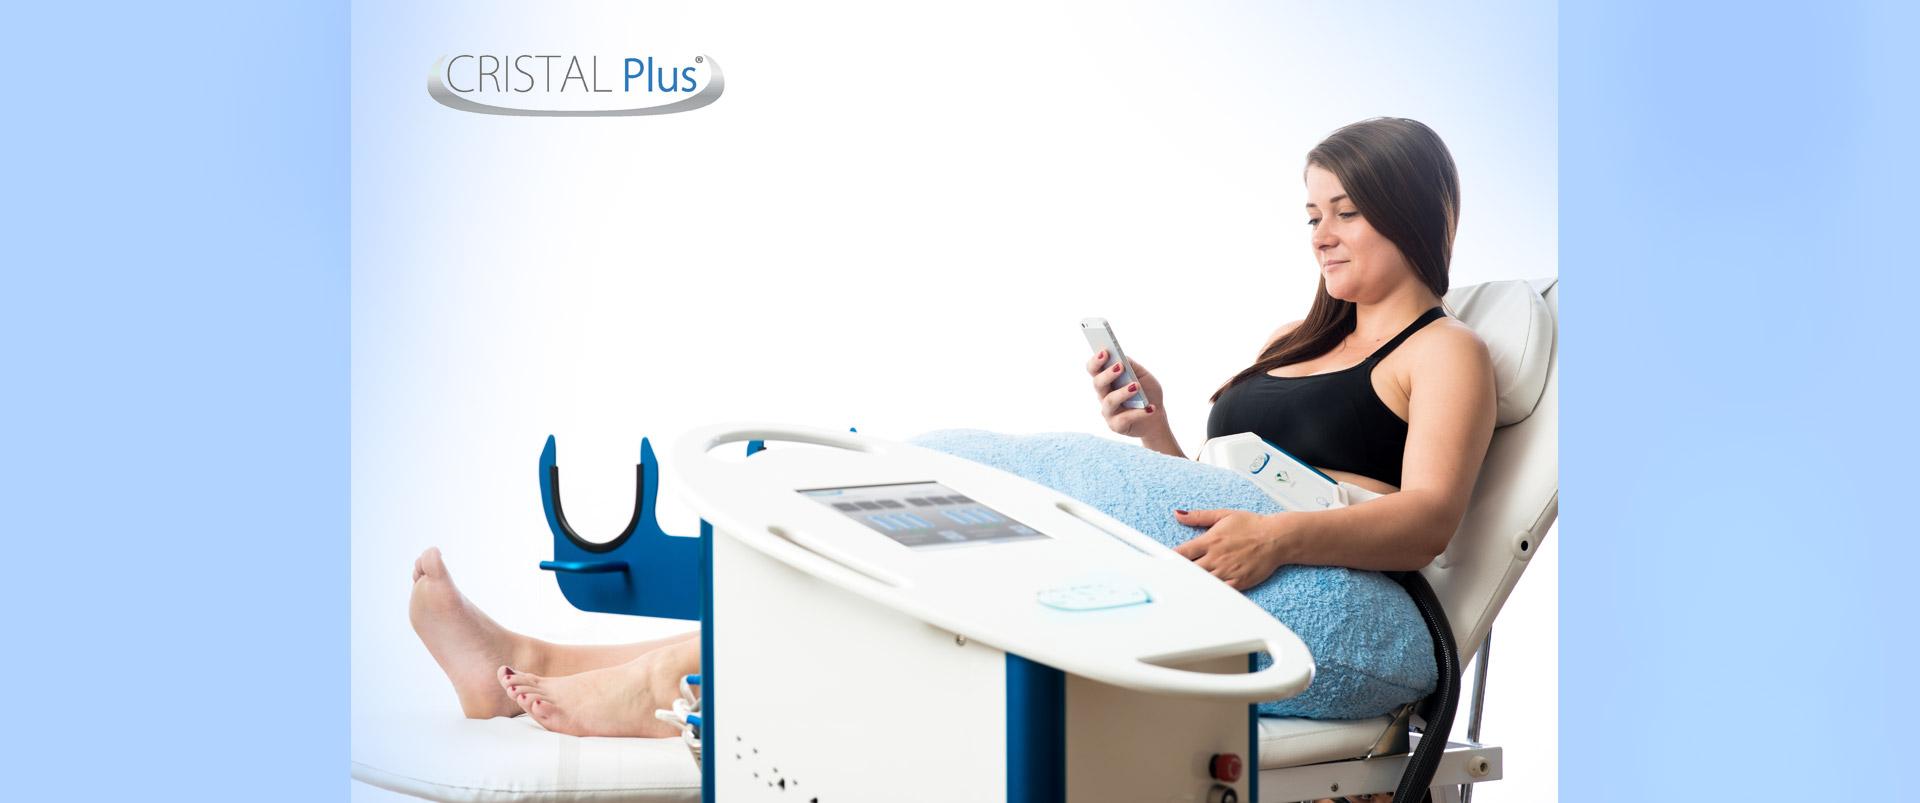 CRISTAL PLUS procedure – Cryoadipolyse Centre Epilation Laser & Médecine Esthétique – Montlhéry, Essonne